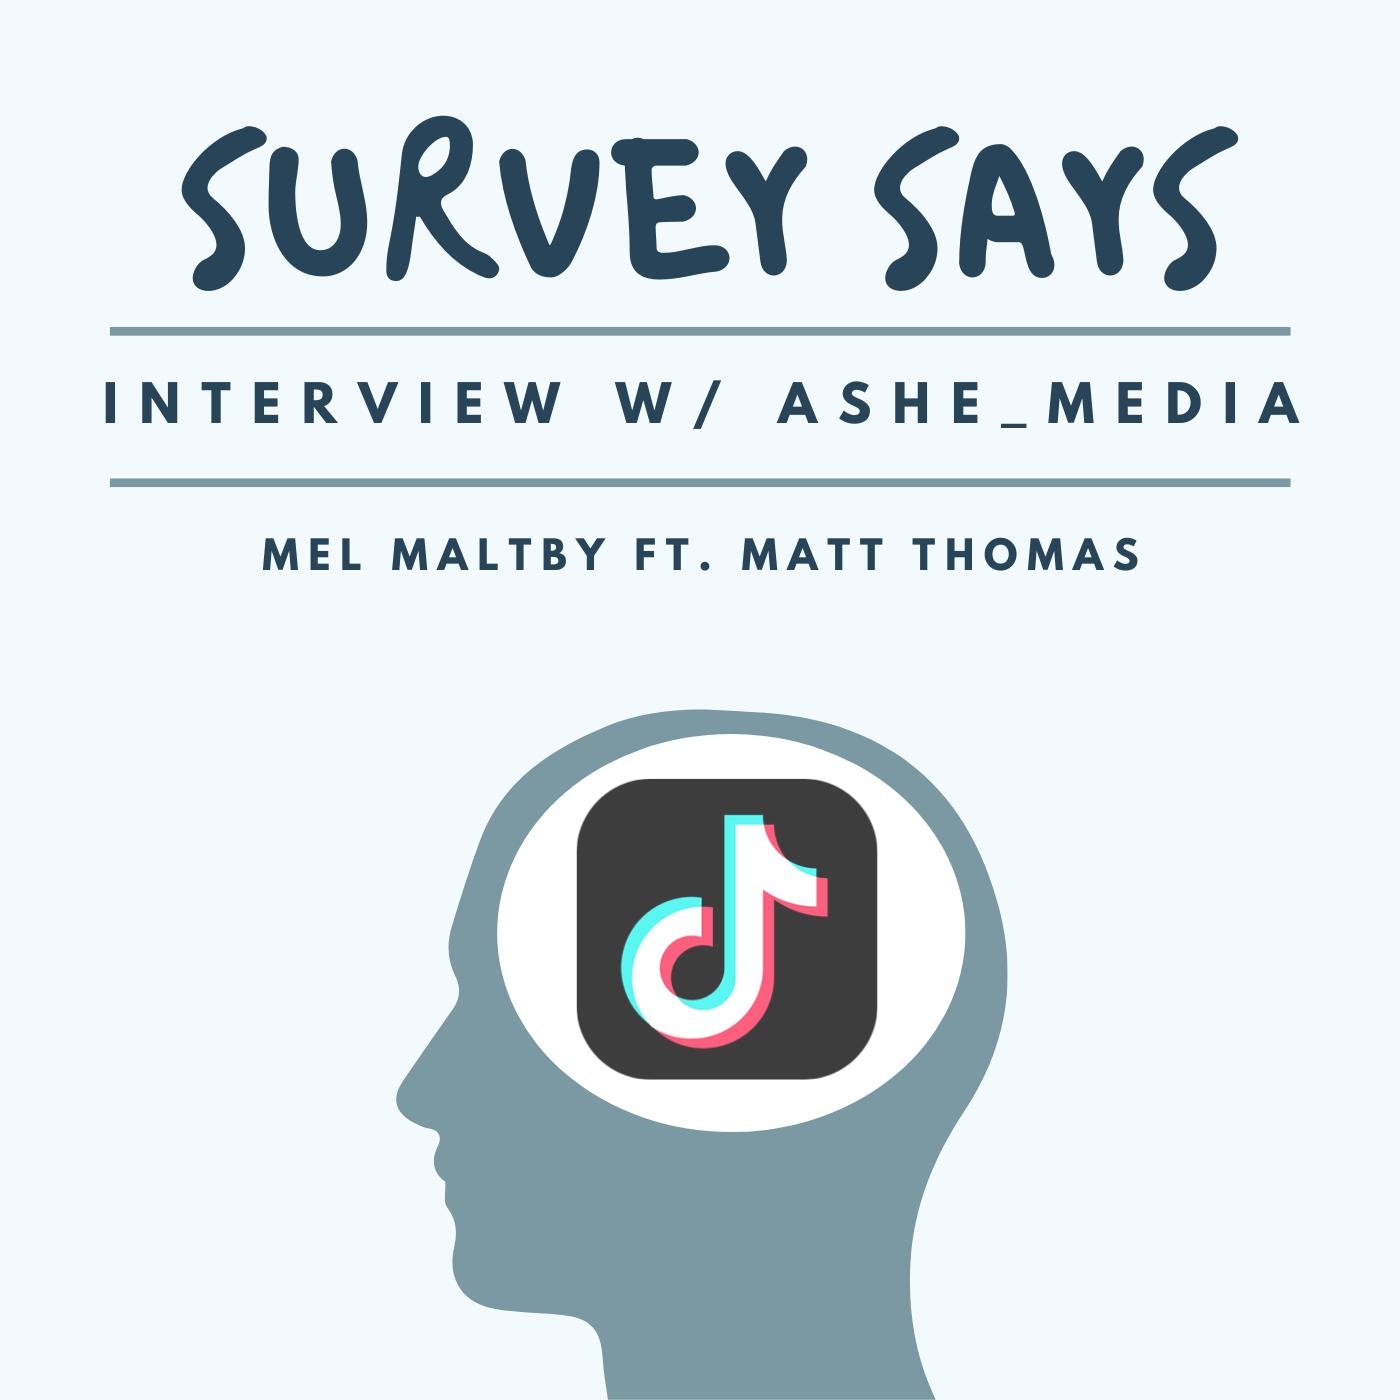 Full Interview w/ Ashe_Media